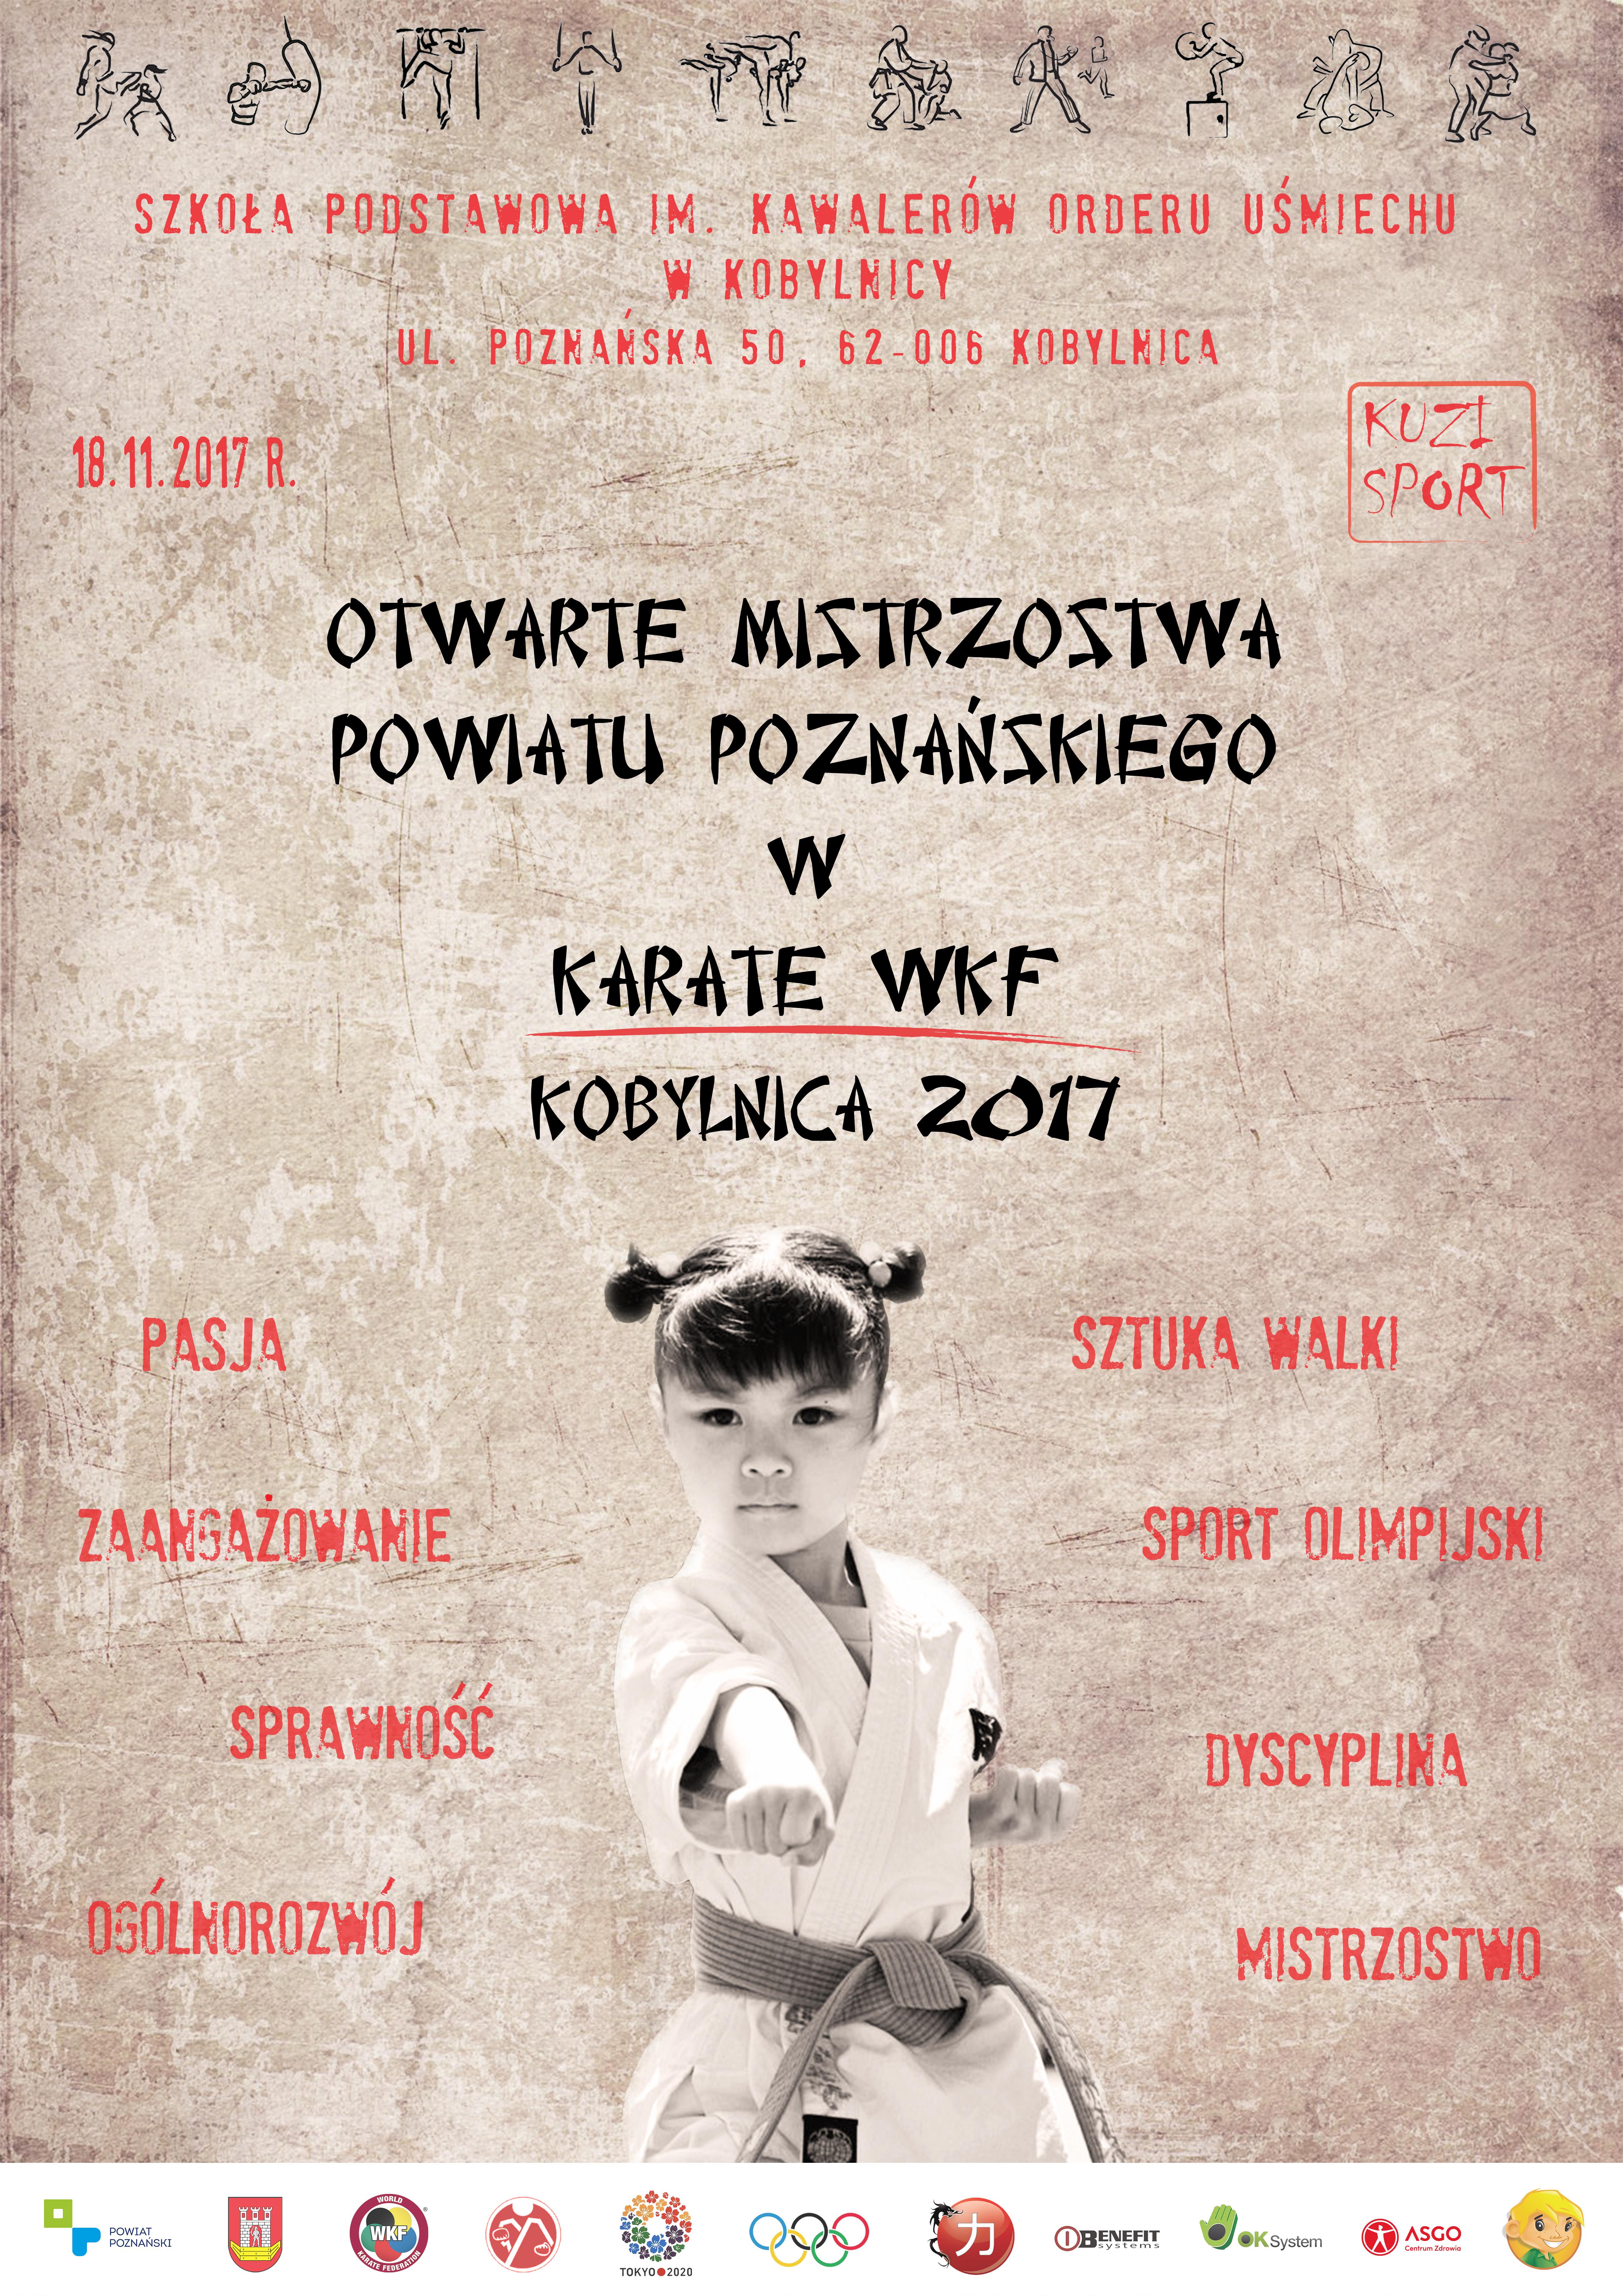 Mistrzostwa w Karate